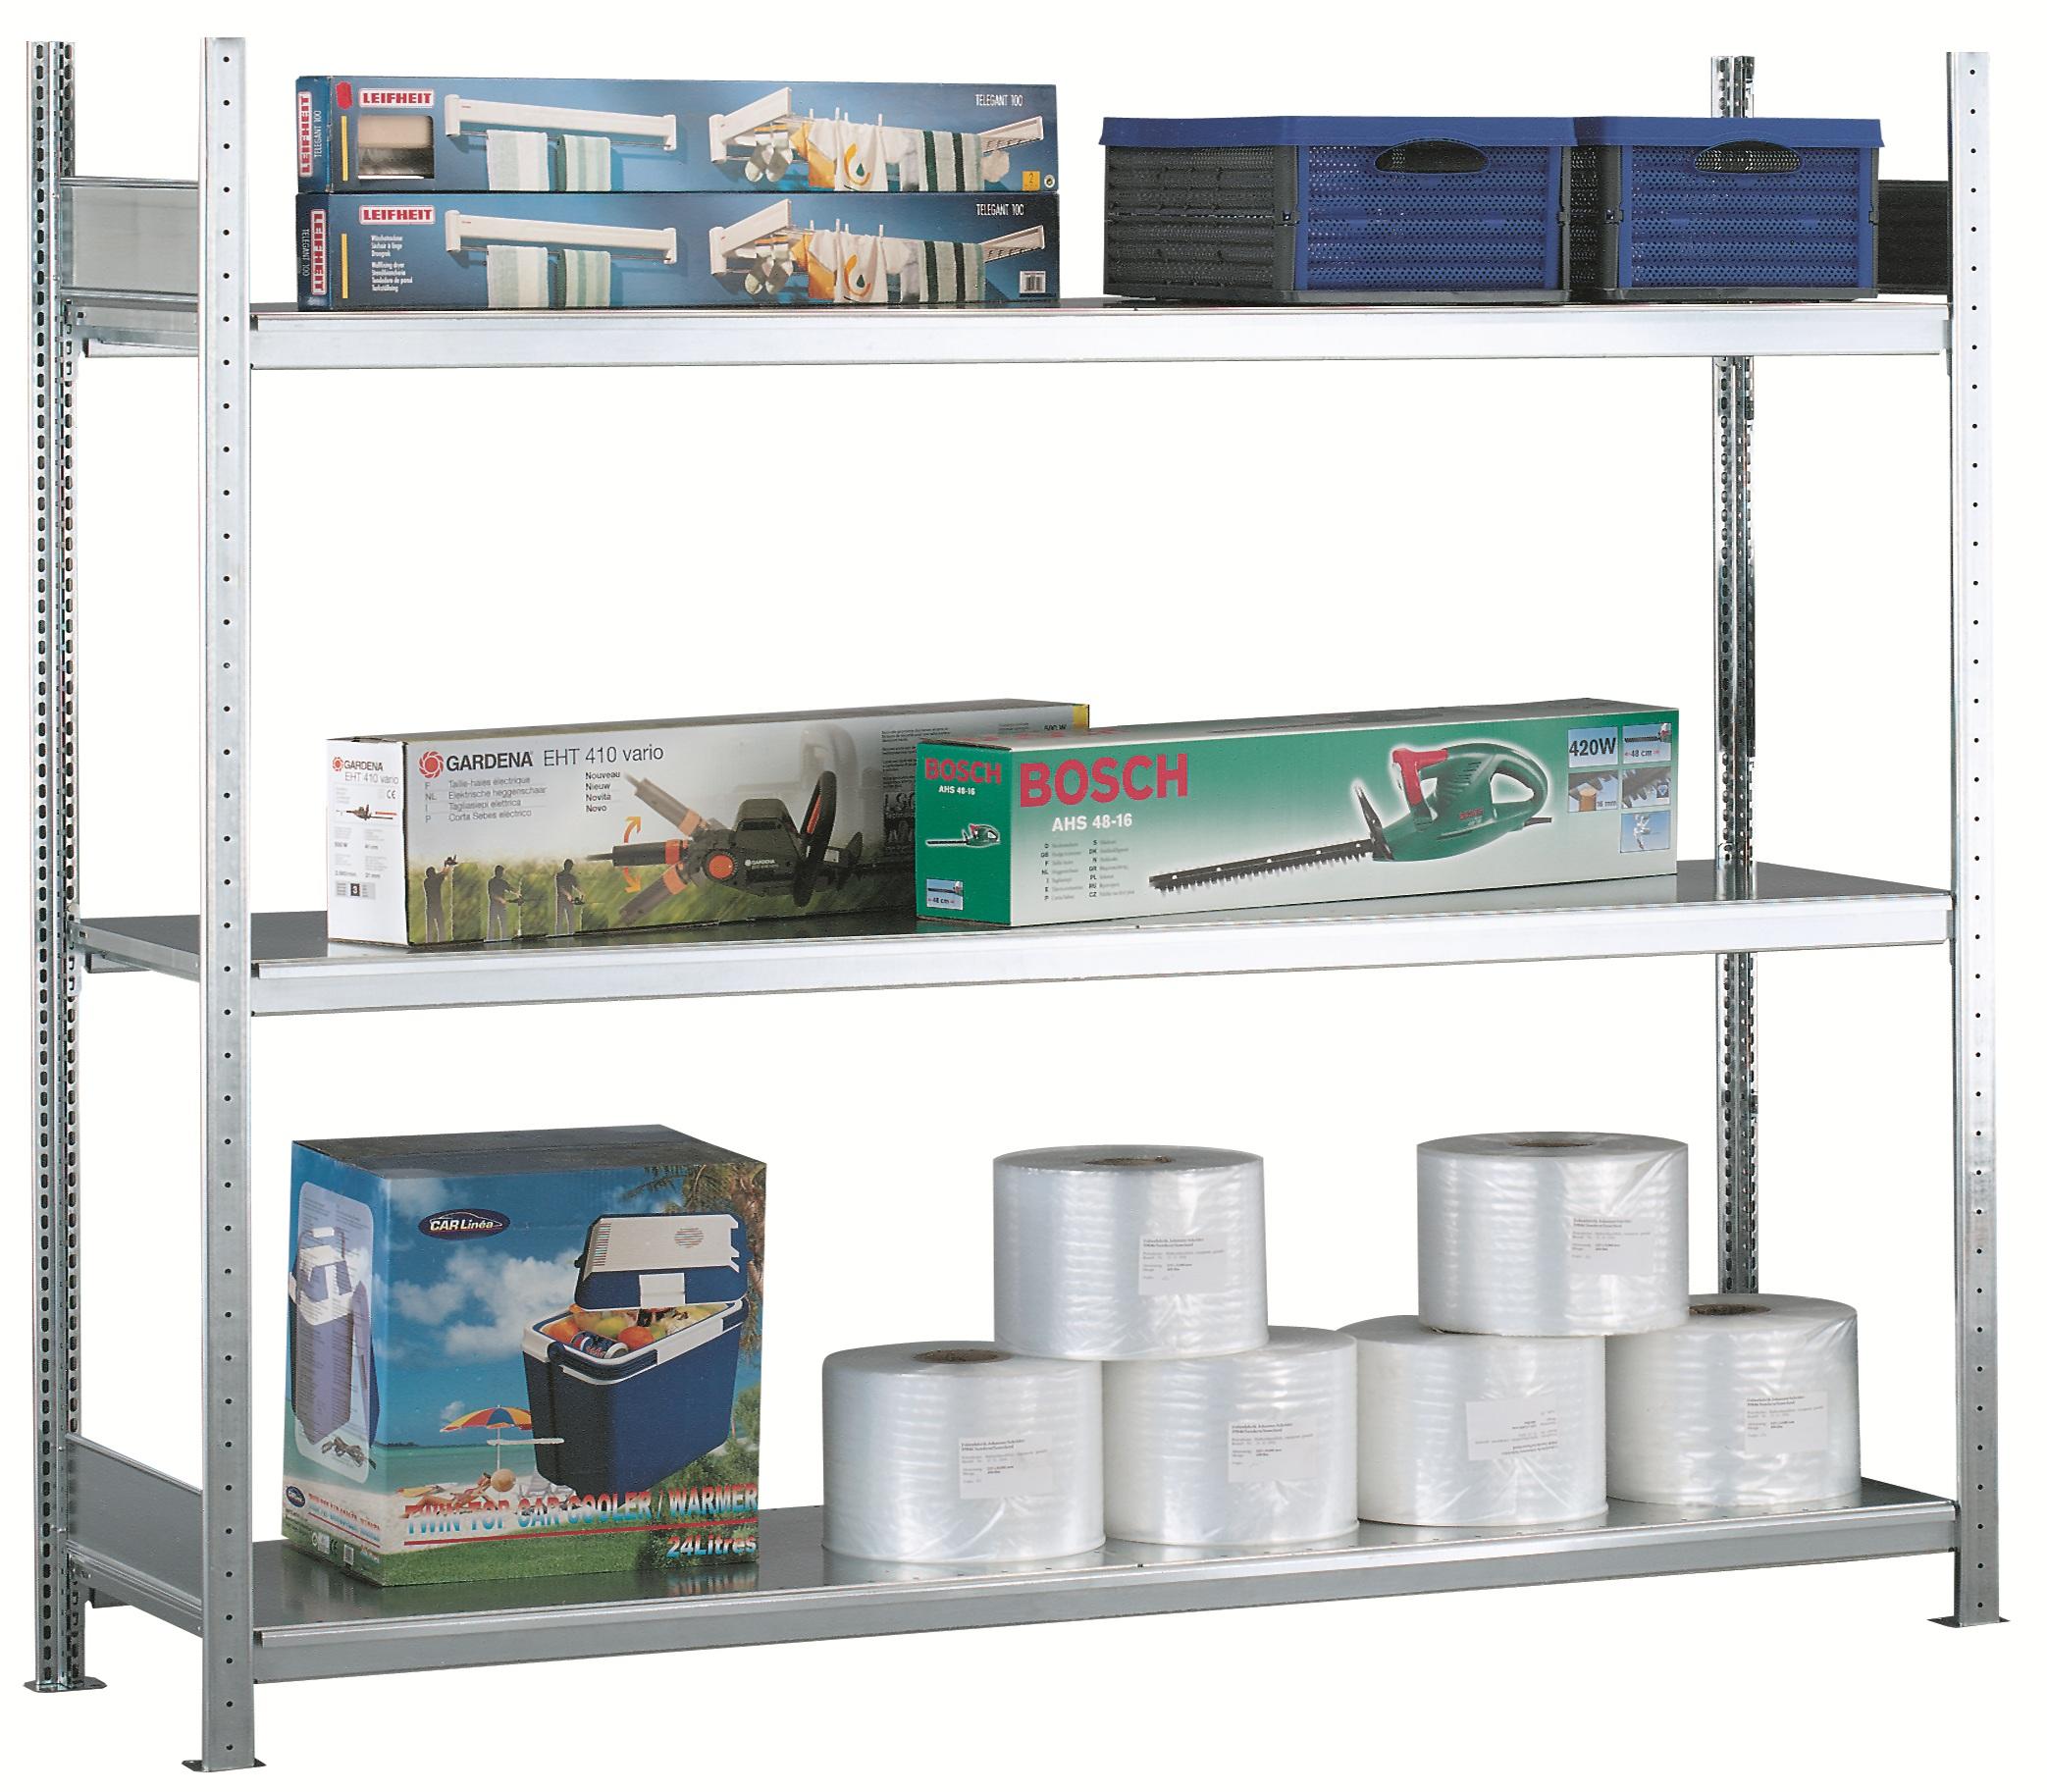 Weitspannregal / Industrieregal - Grundfeld - leichte Belastung bis 400 kg